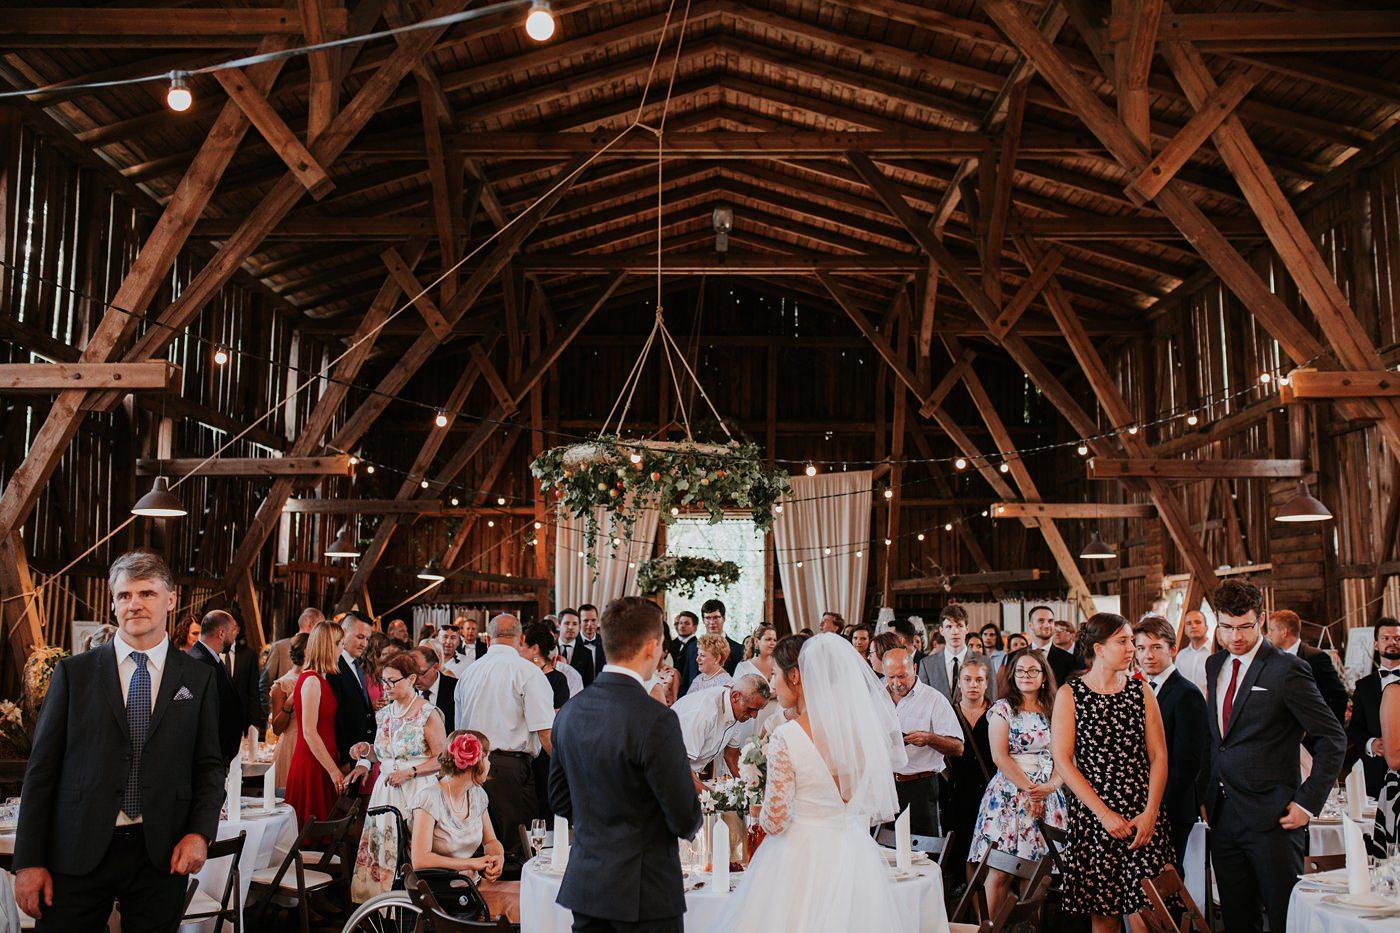 Dominika & Aleksander - Rustykalne wesele w stodole - Baborówko 102